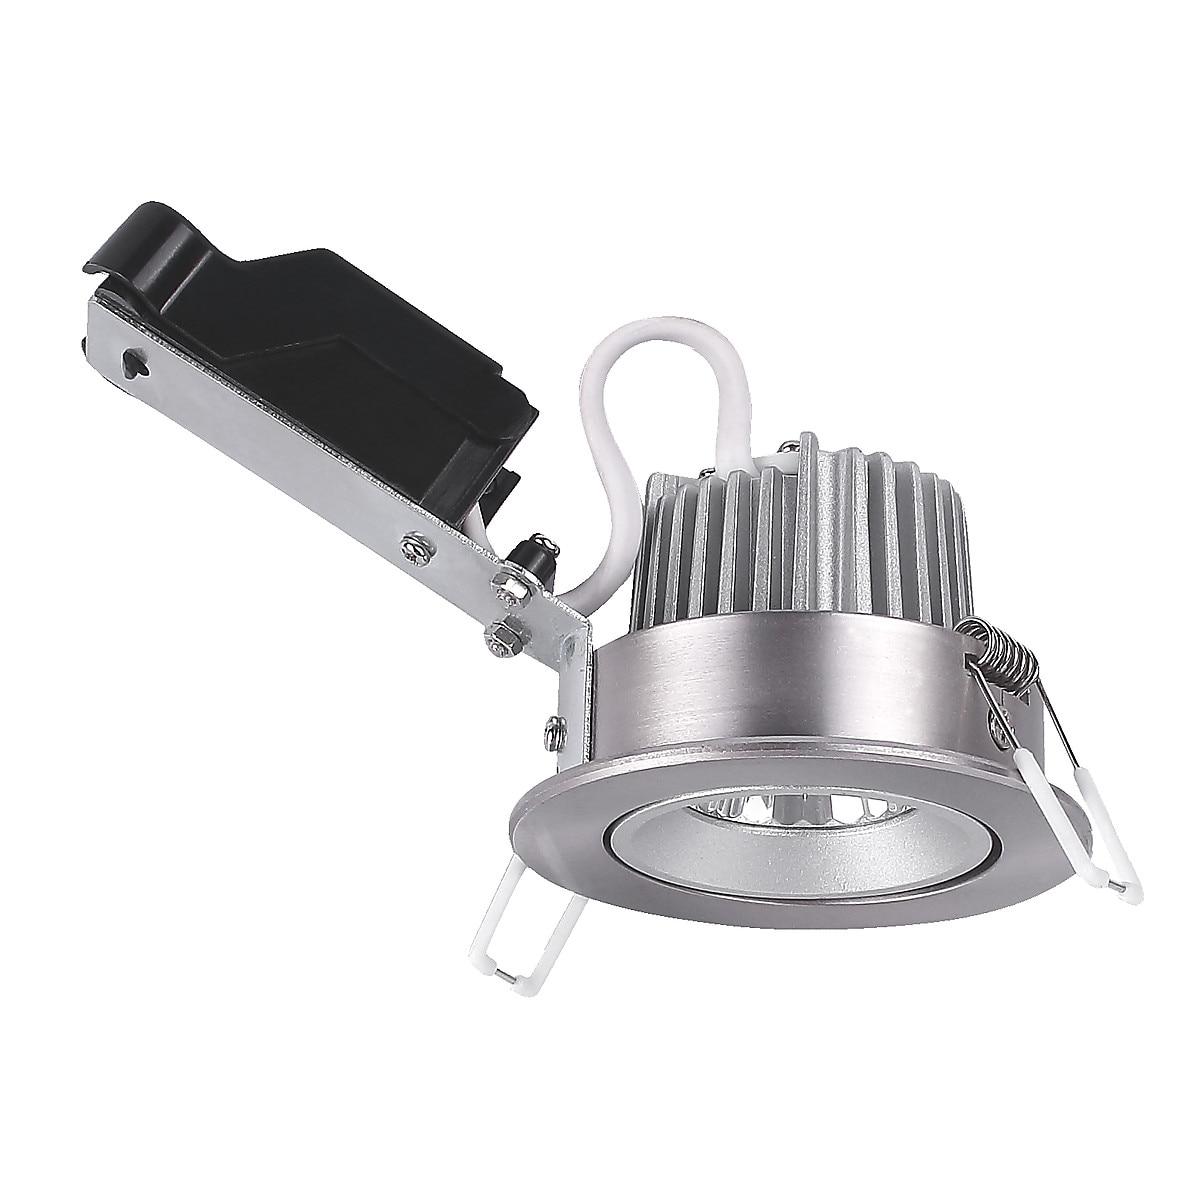 Dimringsbar downlight LED 230 V